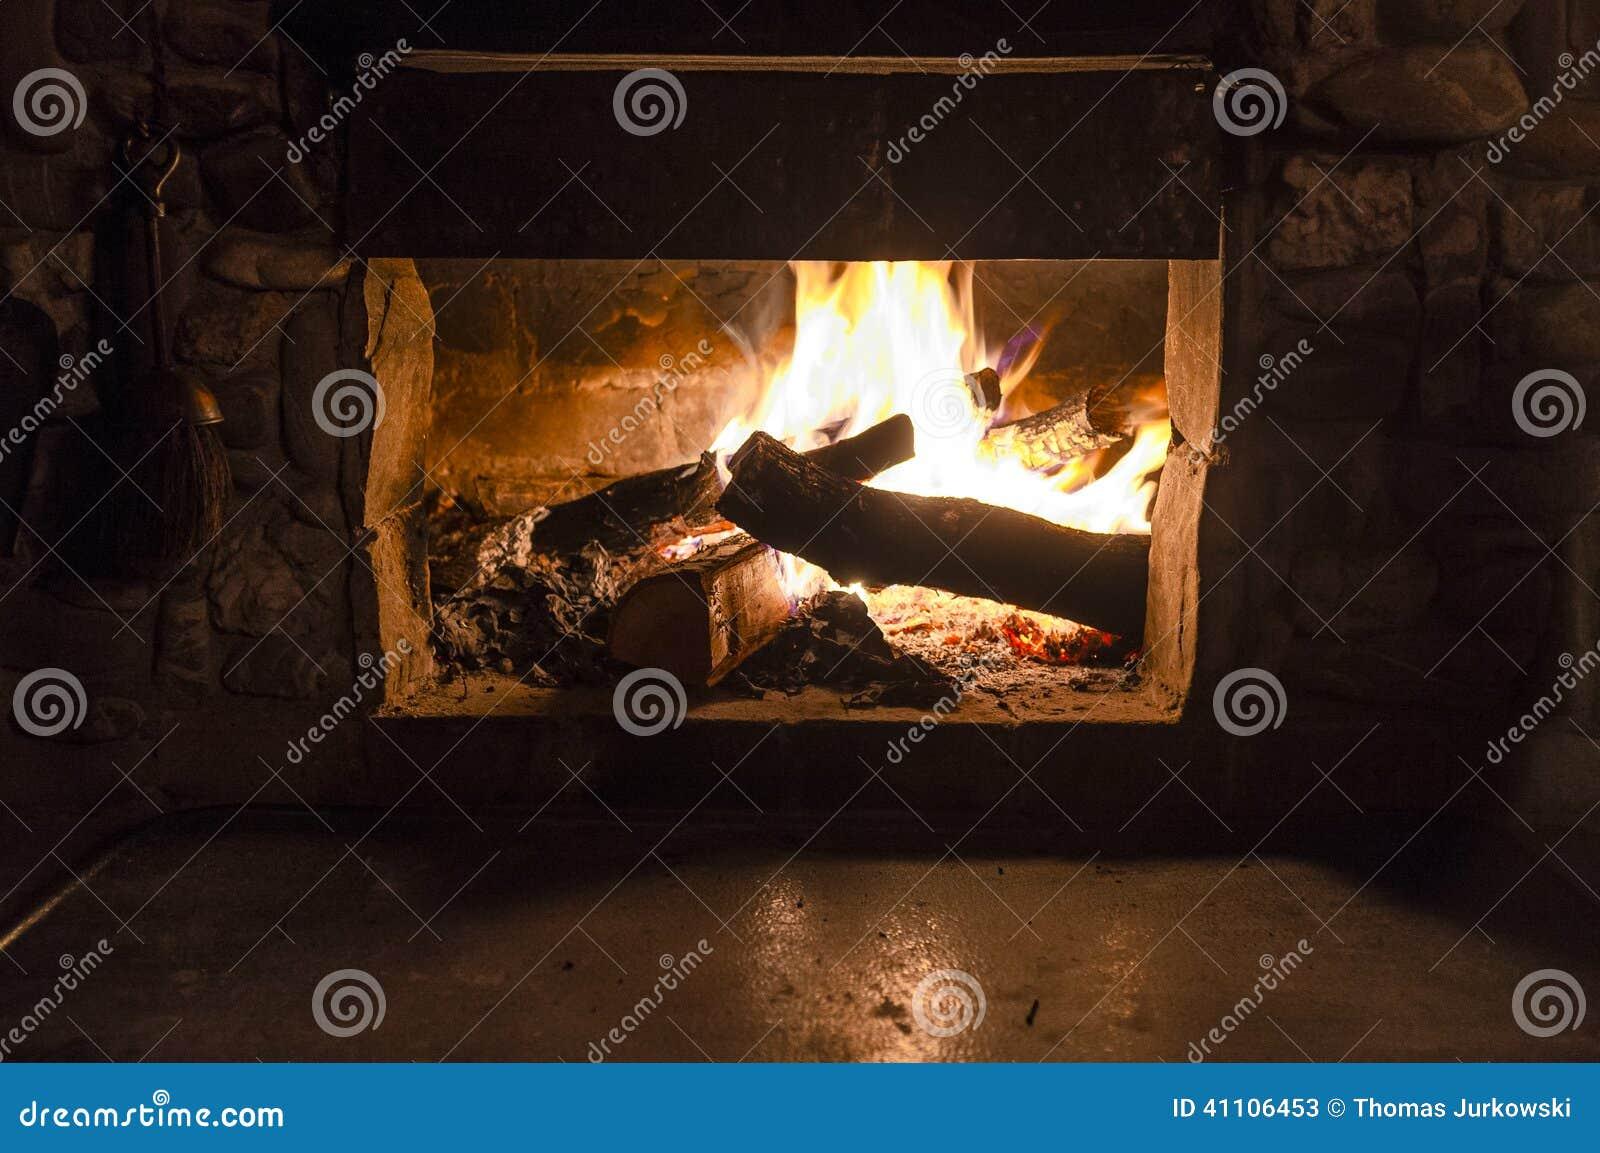 Fuego en chimenea